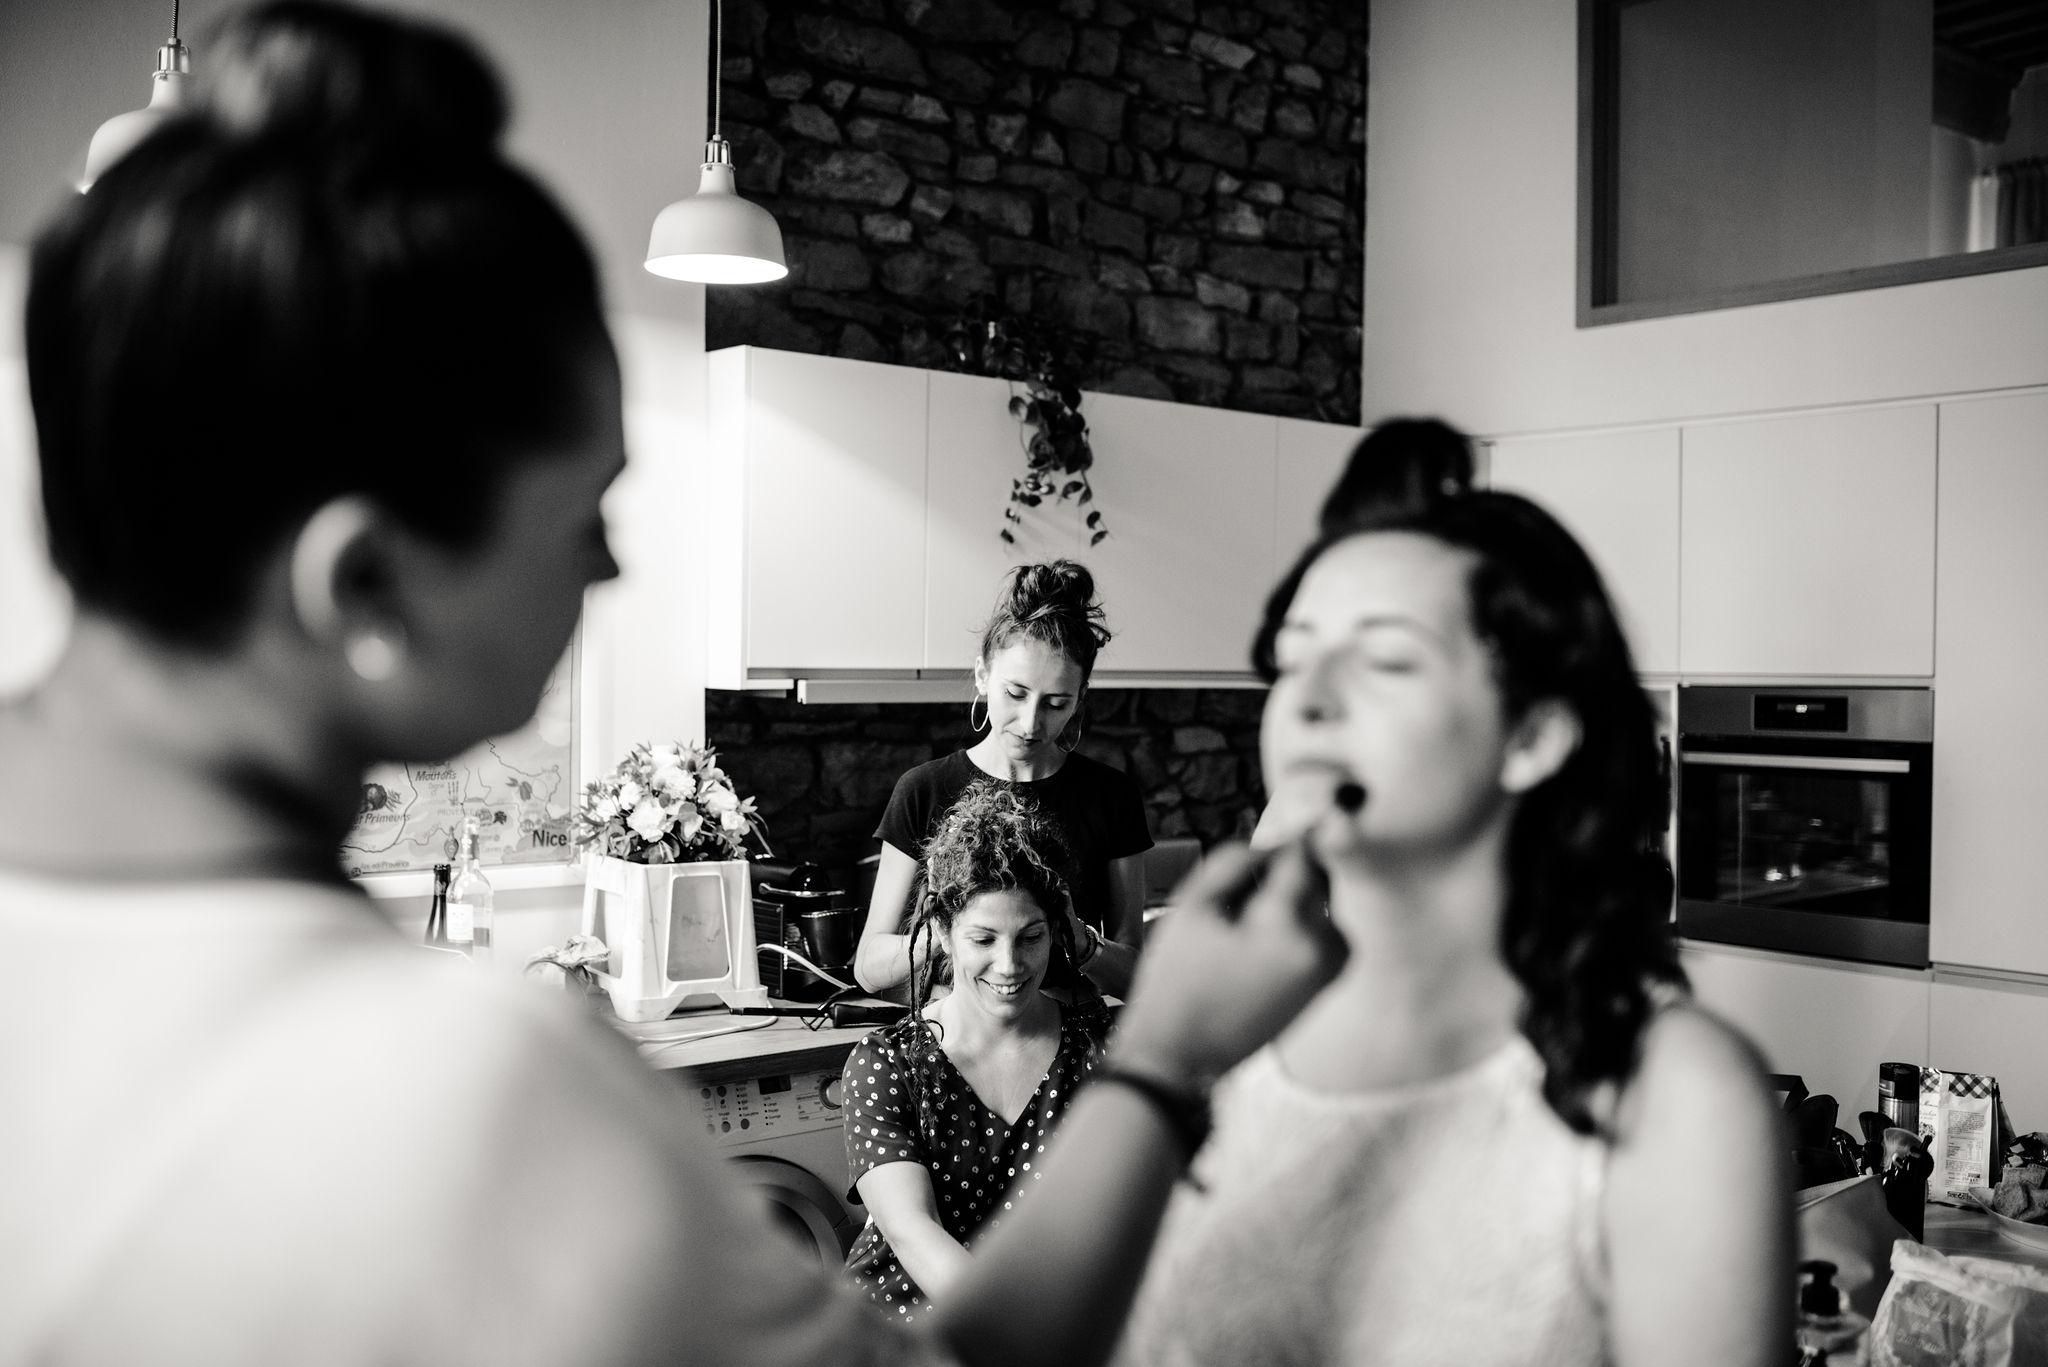 Léa-Fery-photographe-professionnel-lyon-rhone-alpes-portrait-creation-mariage-evenement-evenementiel-famille-5196.jpg